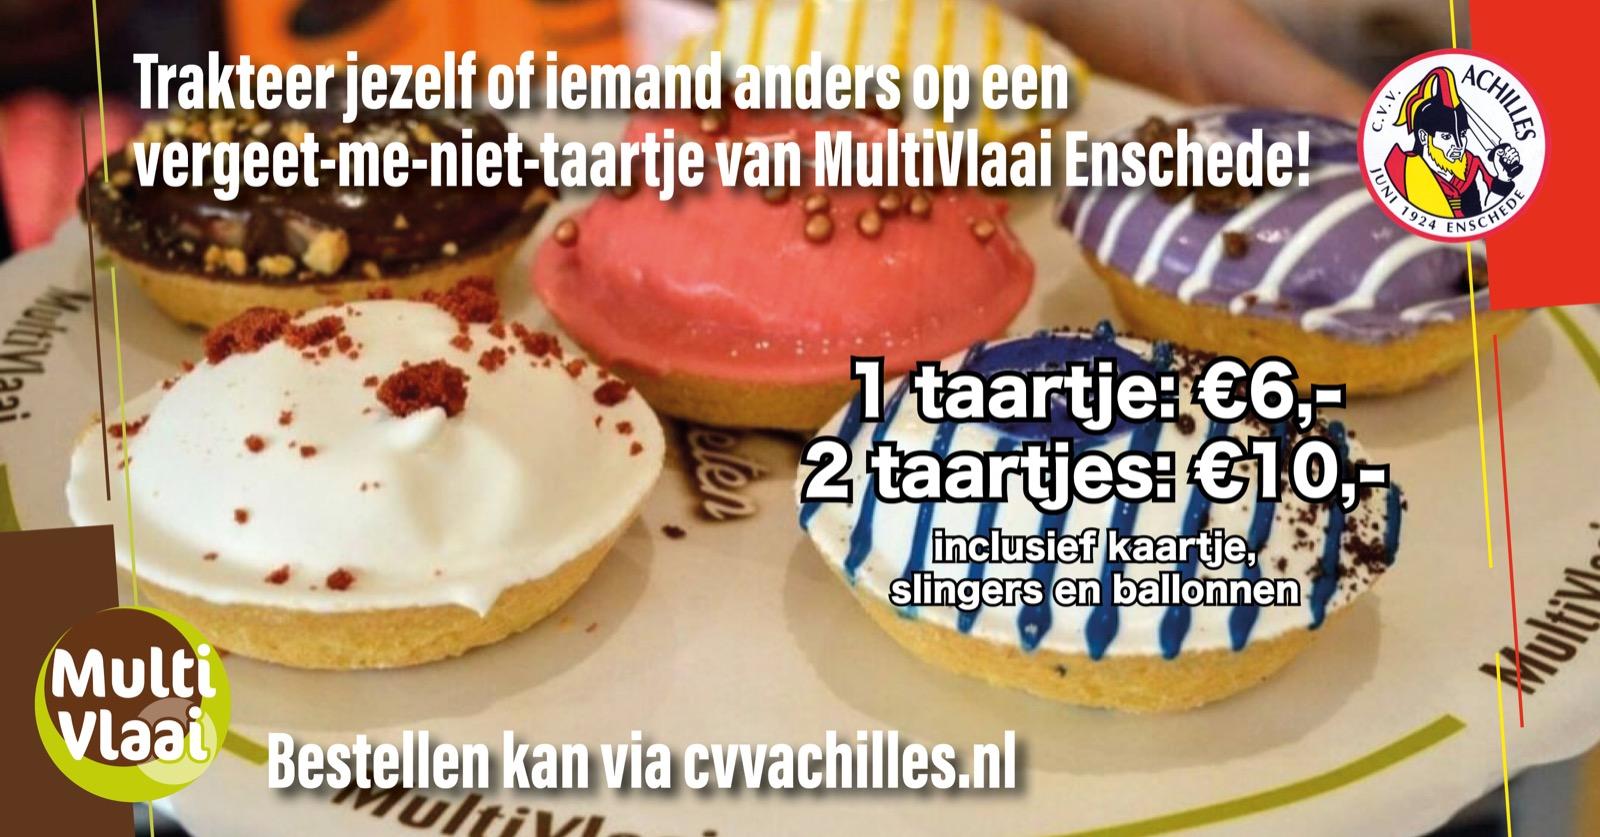 Hang thuis de slingers op! Bestel een taartje van MultiVlaai!